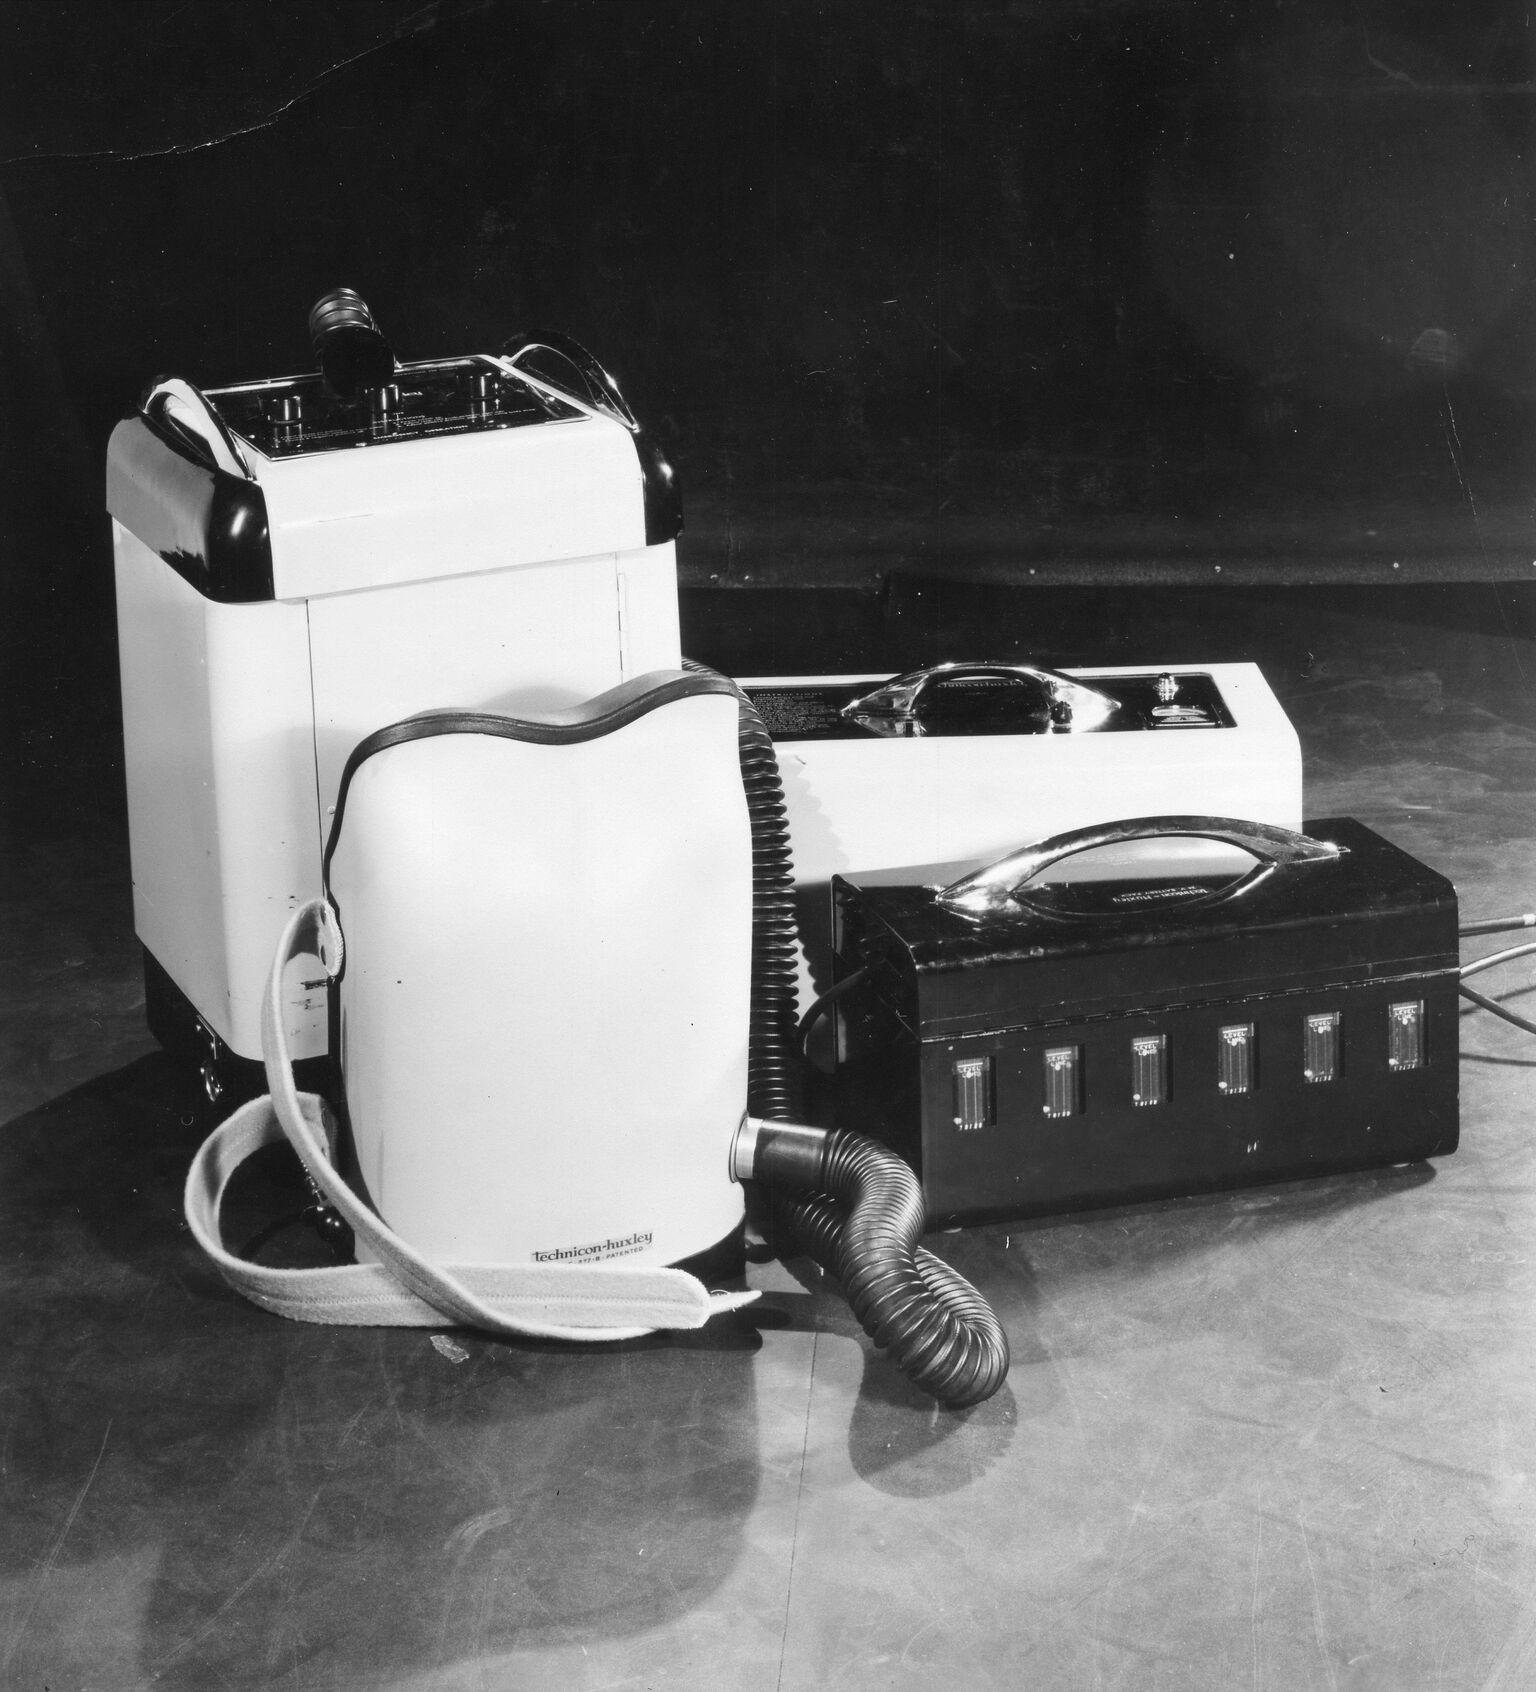 Technicon Huxley Respirator